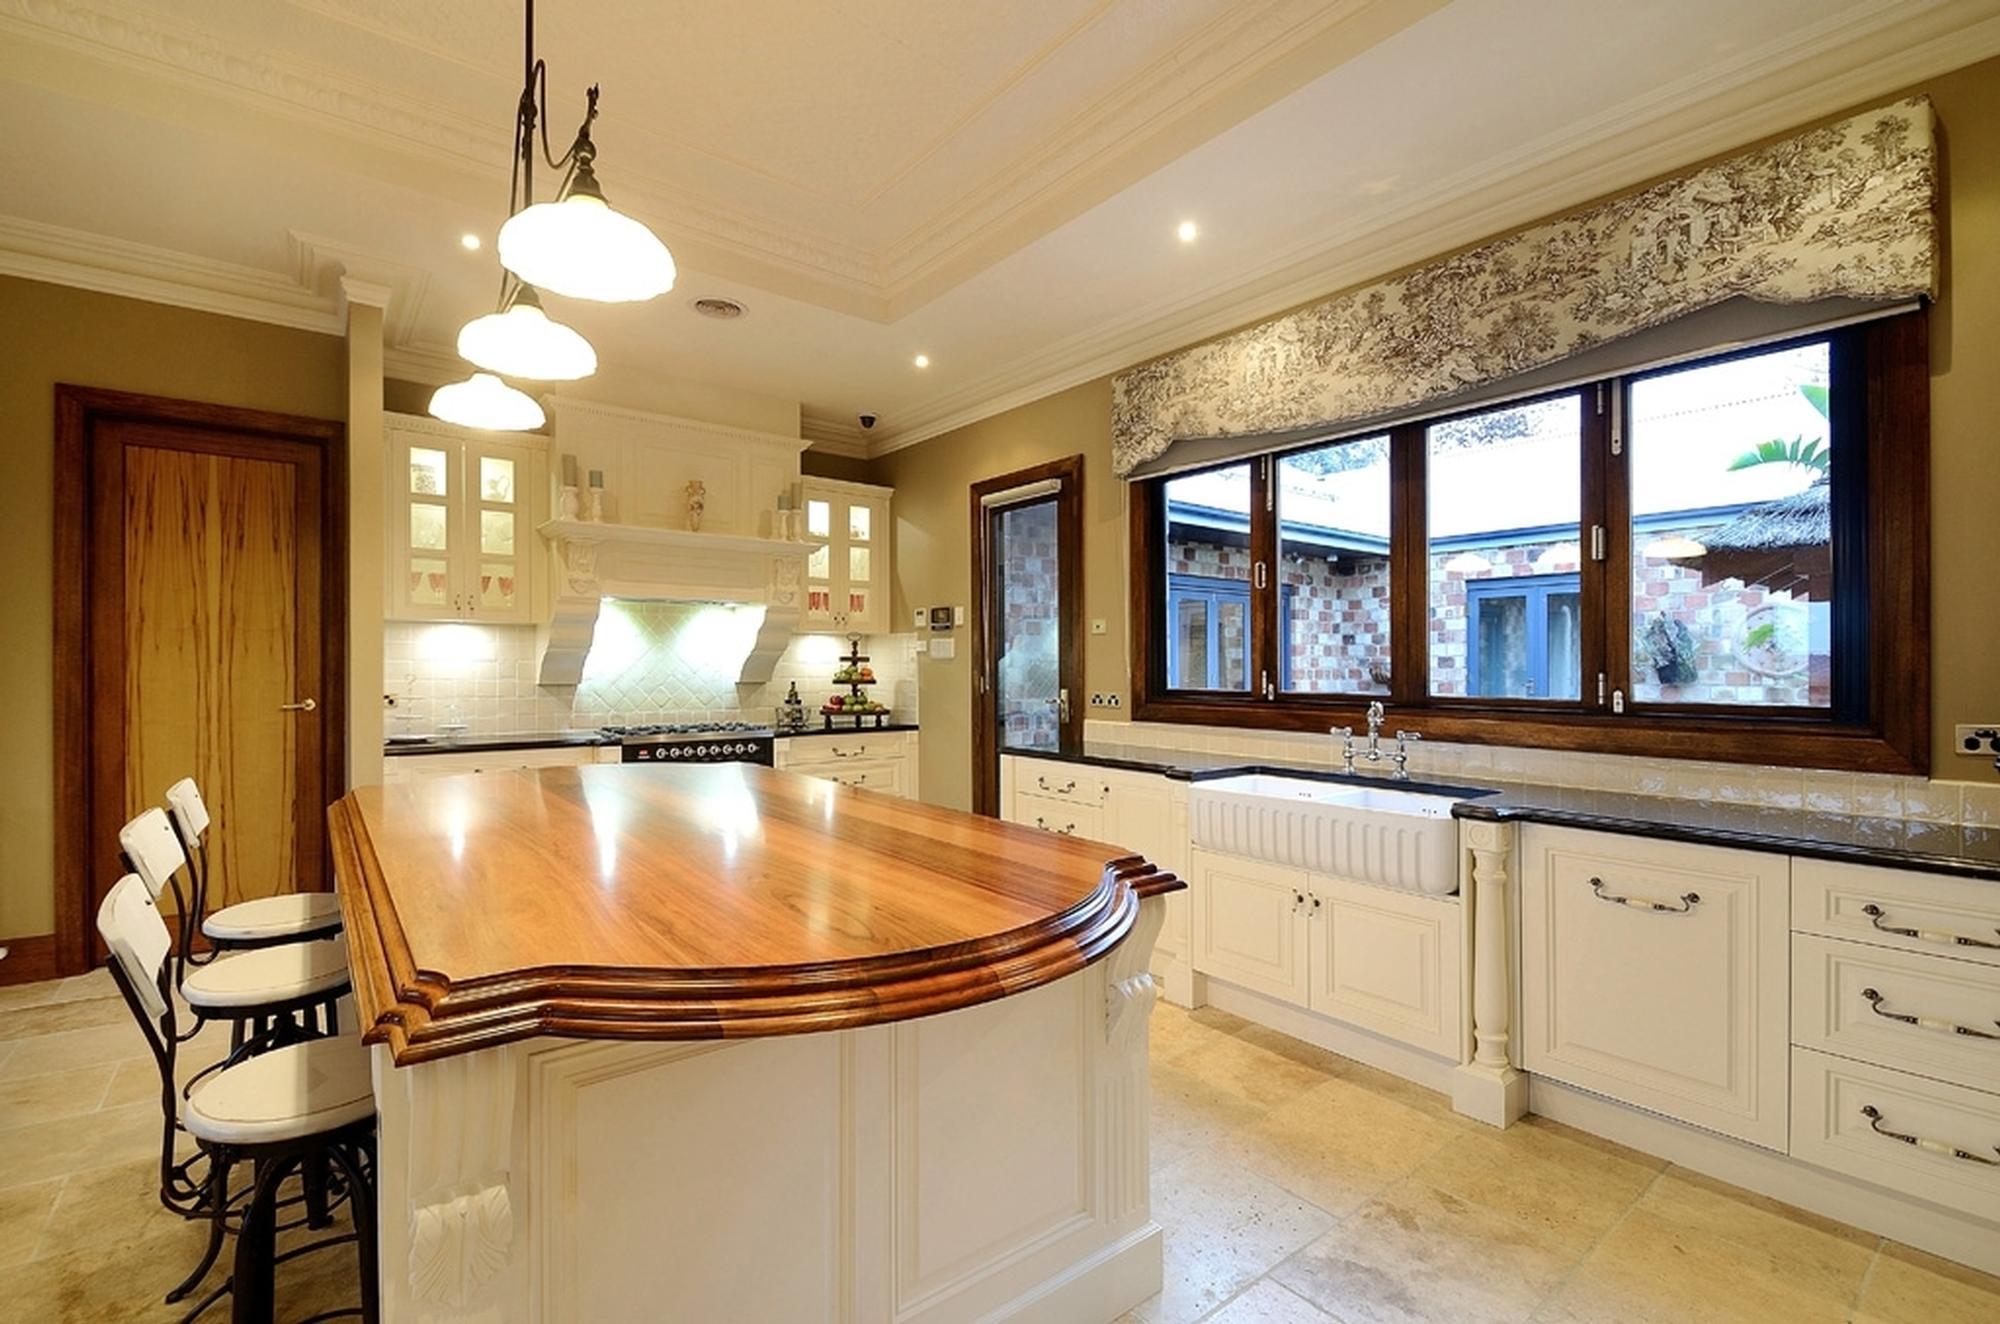 101 Buchanan kitchen